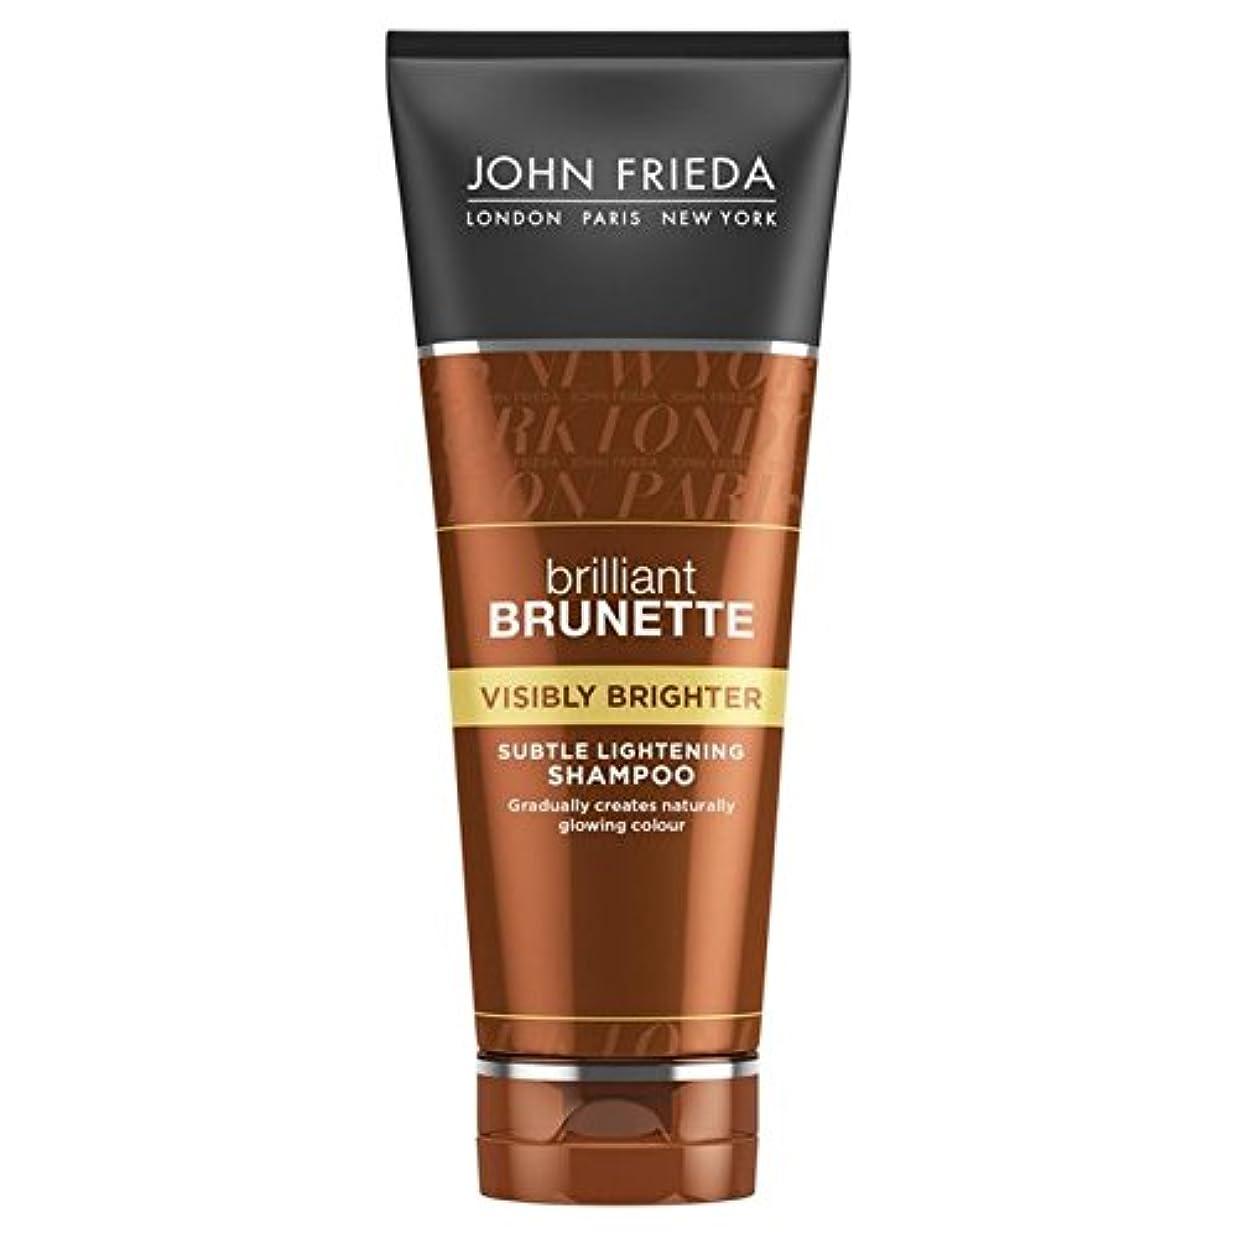 金額強化する謝罪するJohn Frieda Brilliant Brunette Visibly Brighter Shampoo 250ml (Pack of 6) - ジョン?フリーダ華麗なブルネット目に見えて明るくシャンプー250 x6 [並行輸入品]